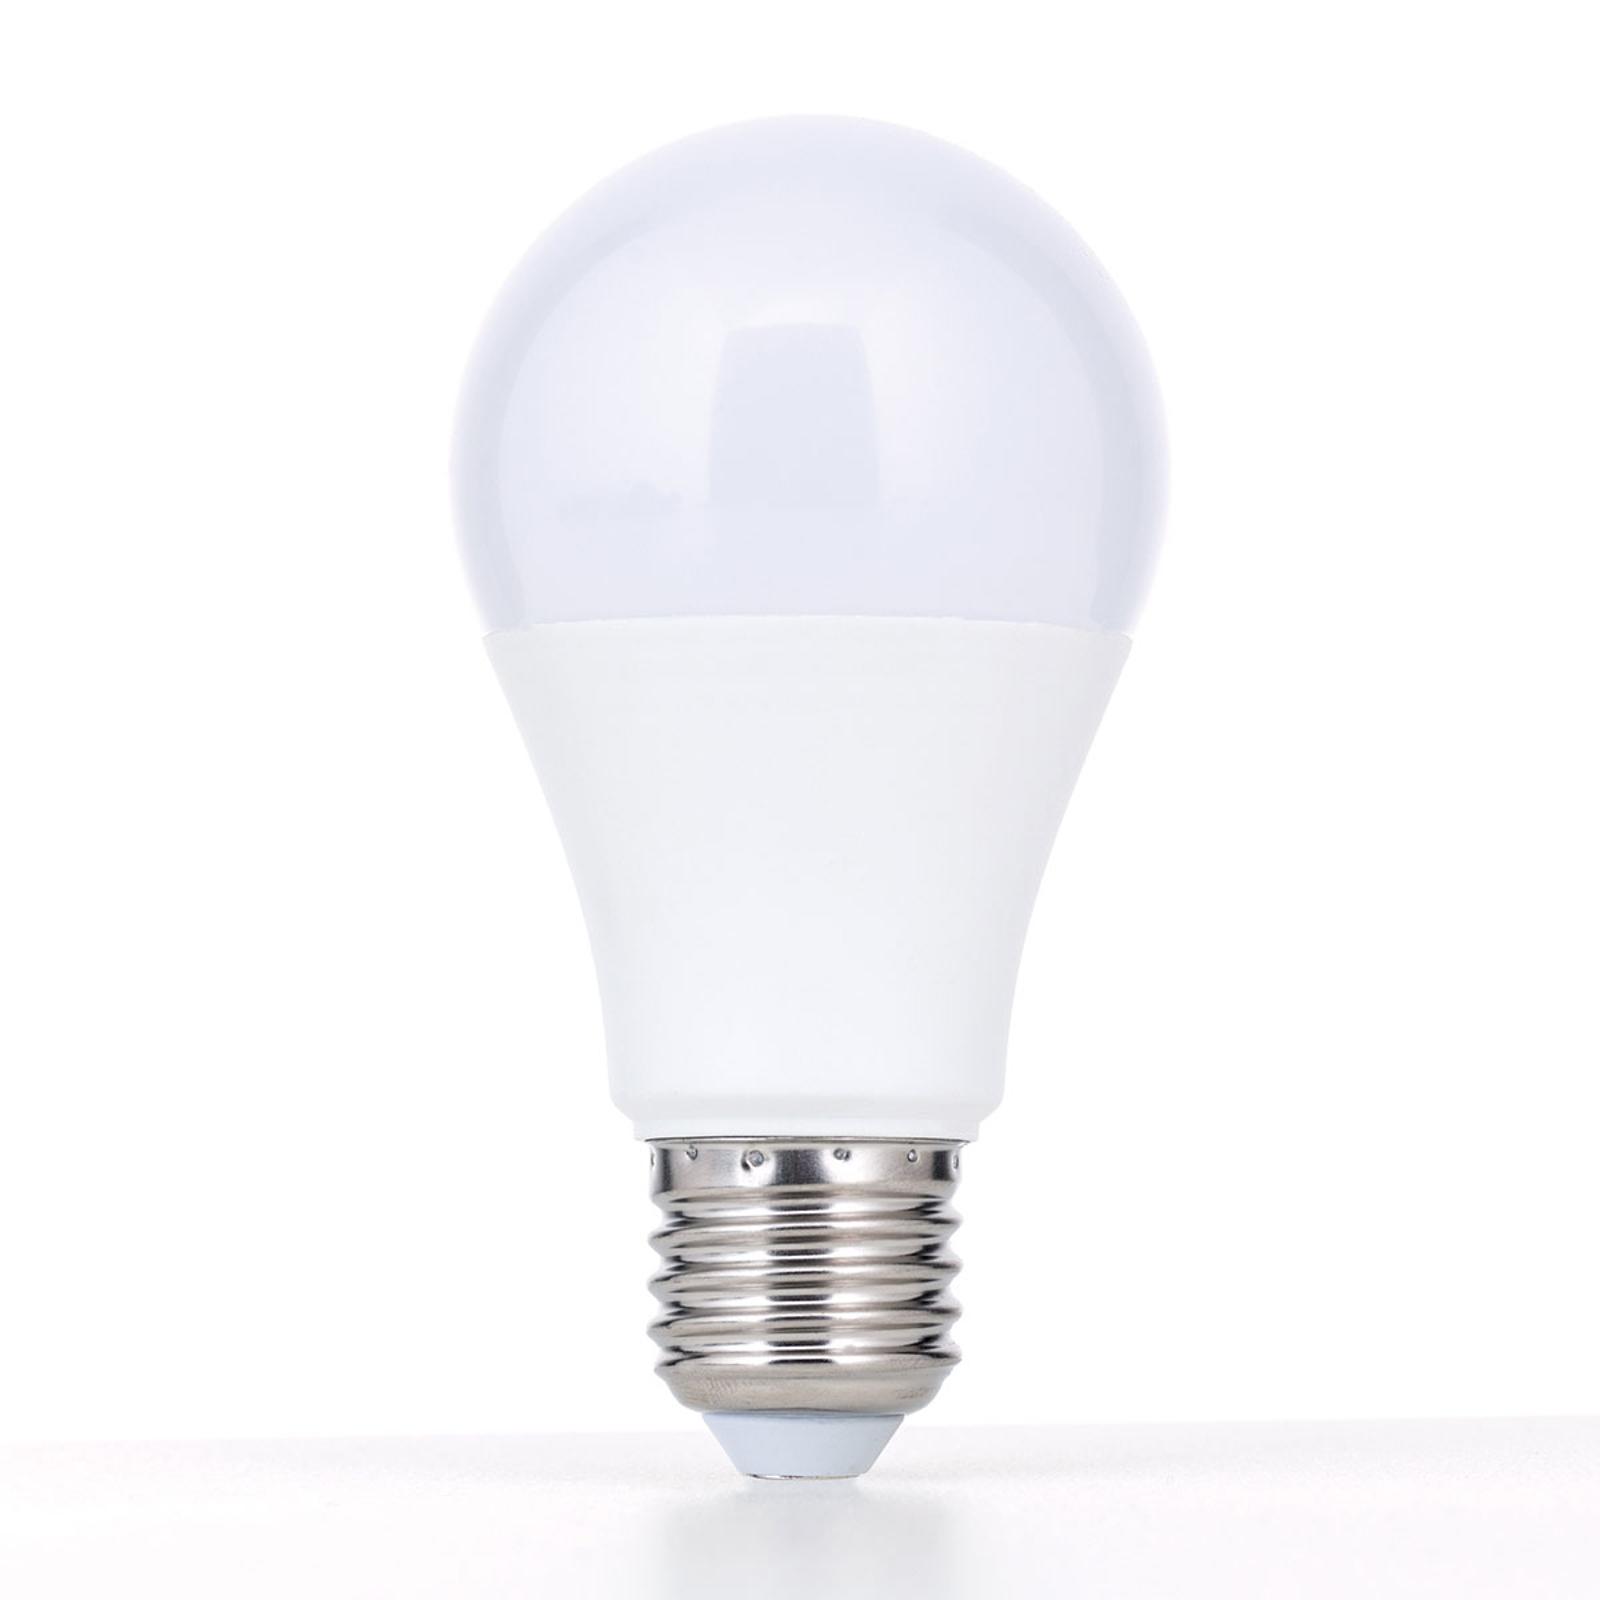 Orion E27/5W LED (Standard LED žárovky